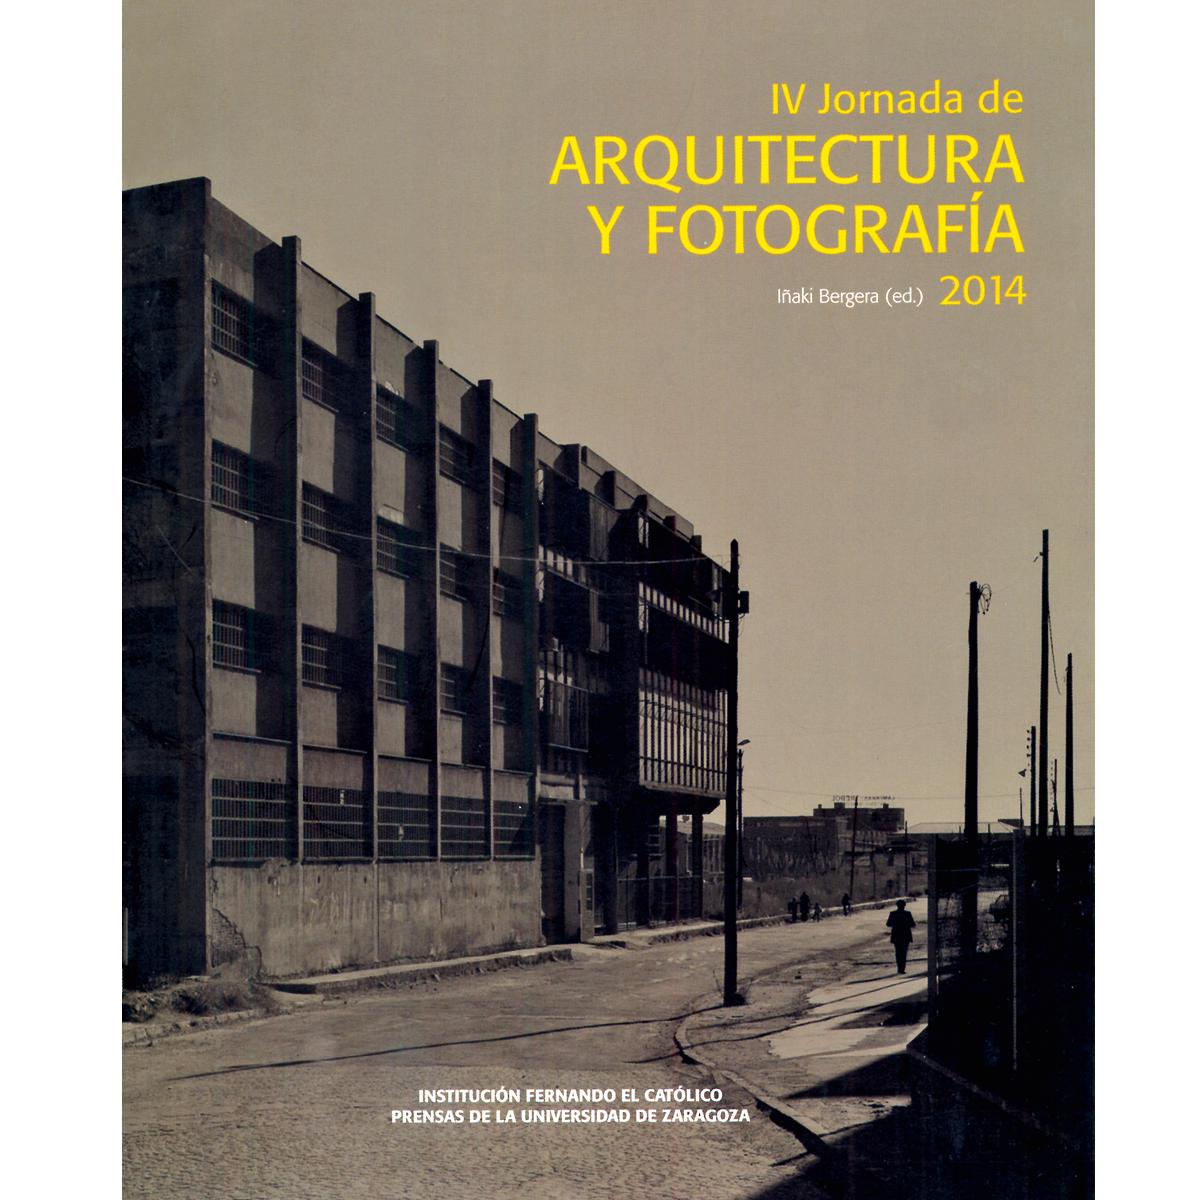 IV jornada de arquitectura y fotografía